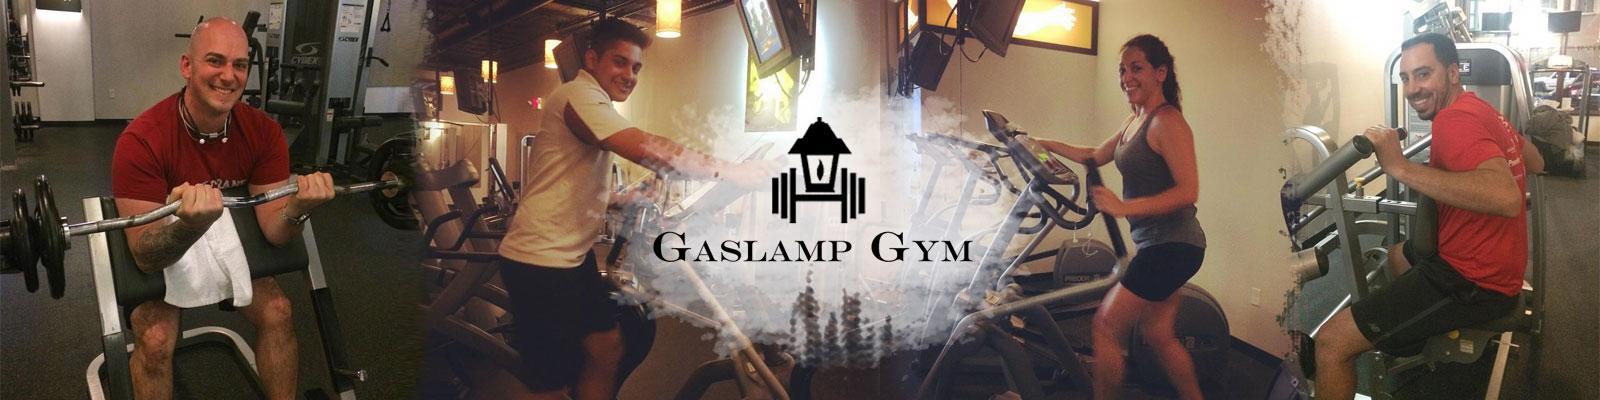 Binghamton GasLamp Gym BiziFit